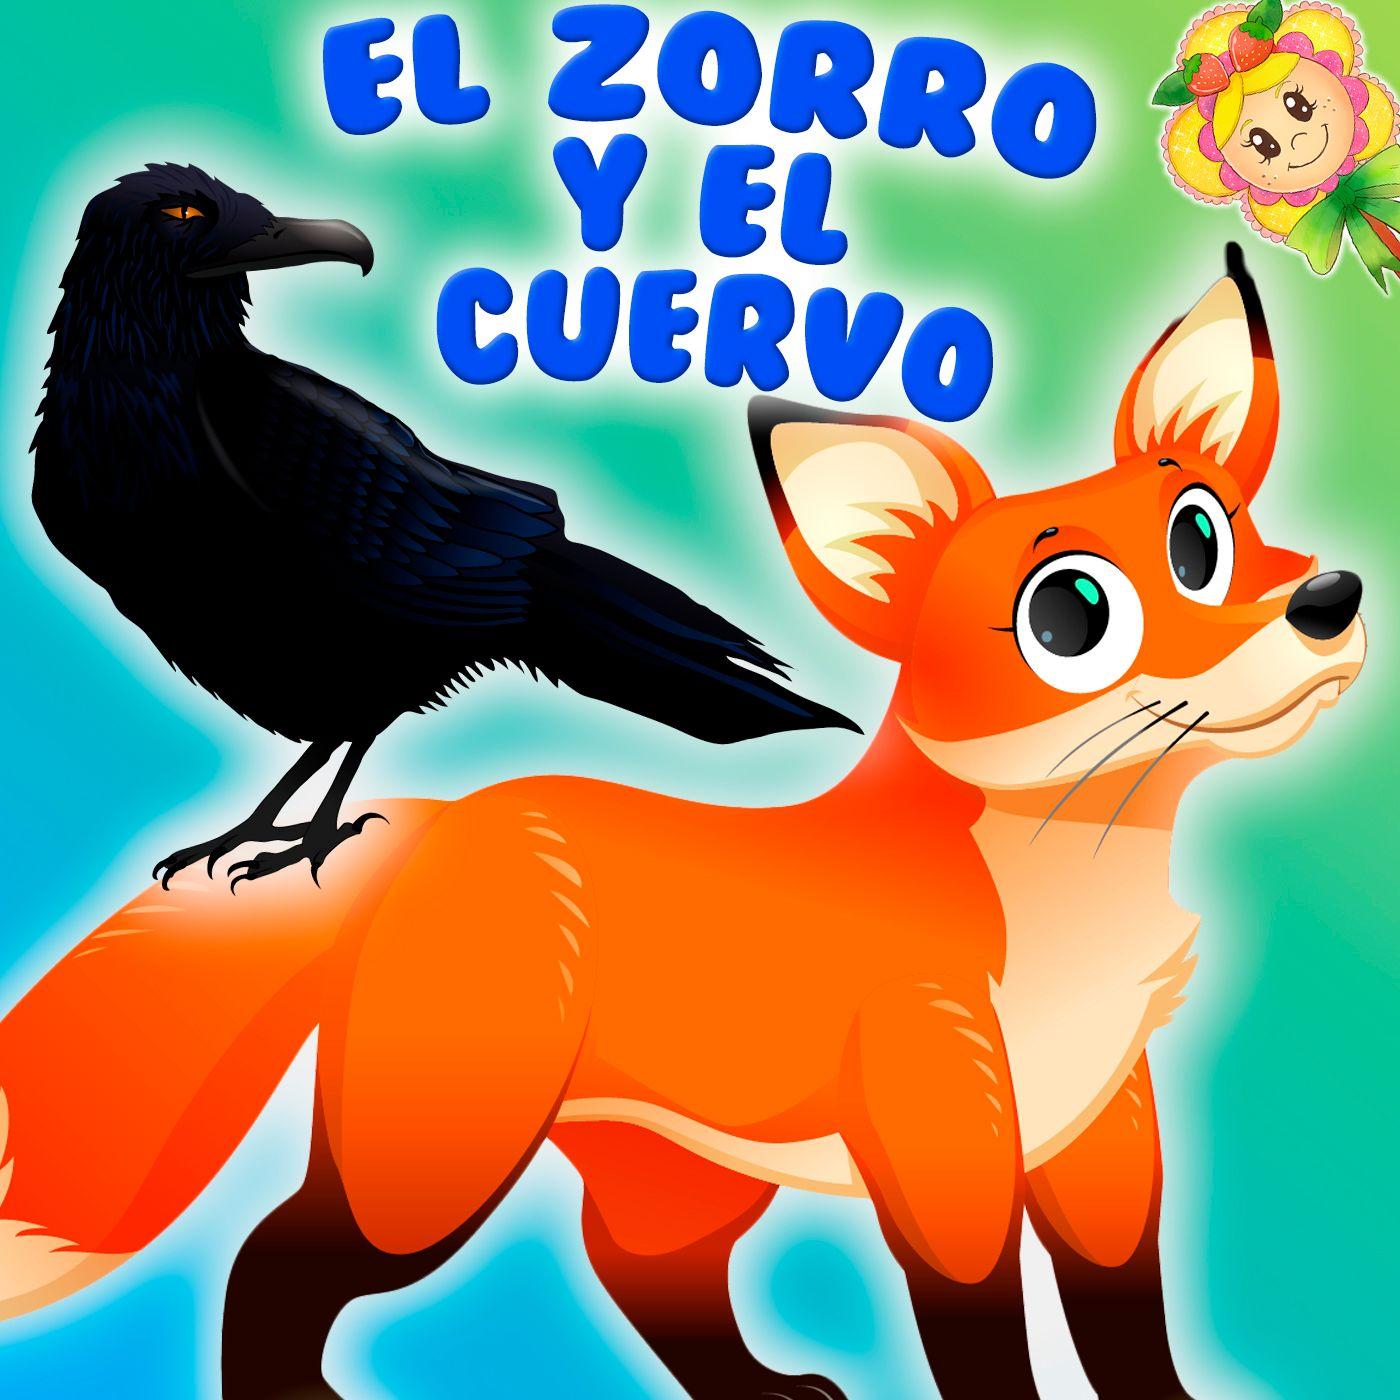 70. El zorro y el cuervo. Fabula contada por Hada de Fresa. Aprendemos ingles con Miss Pitinglish